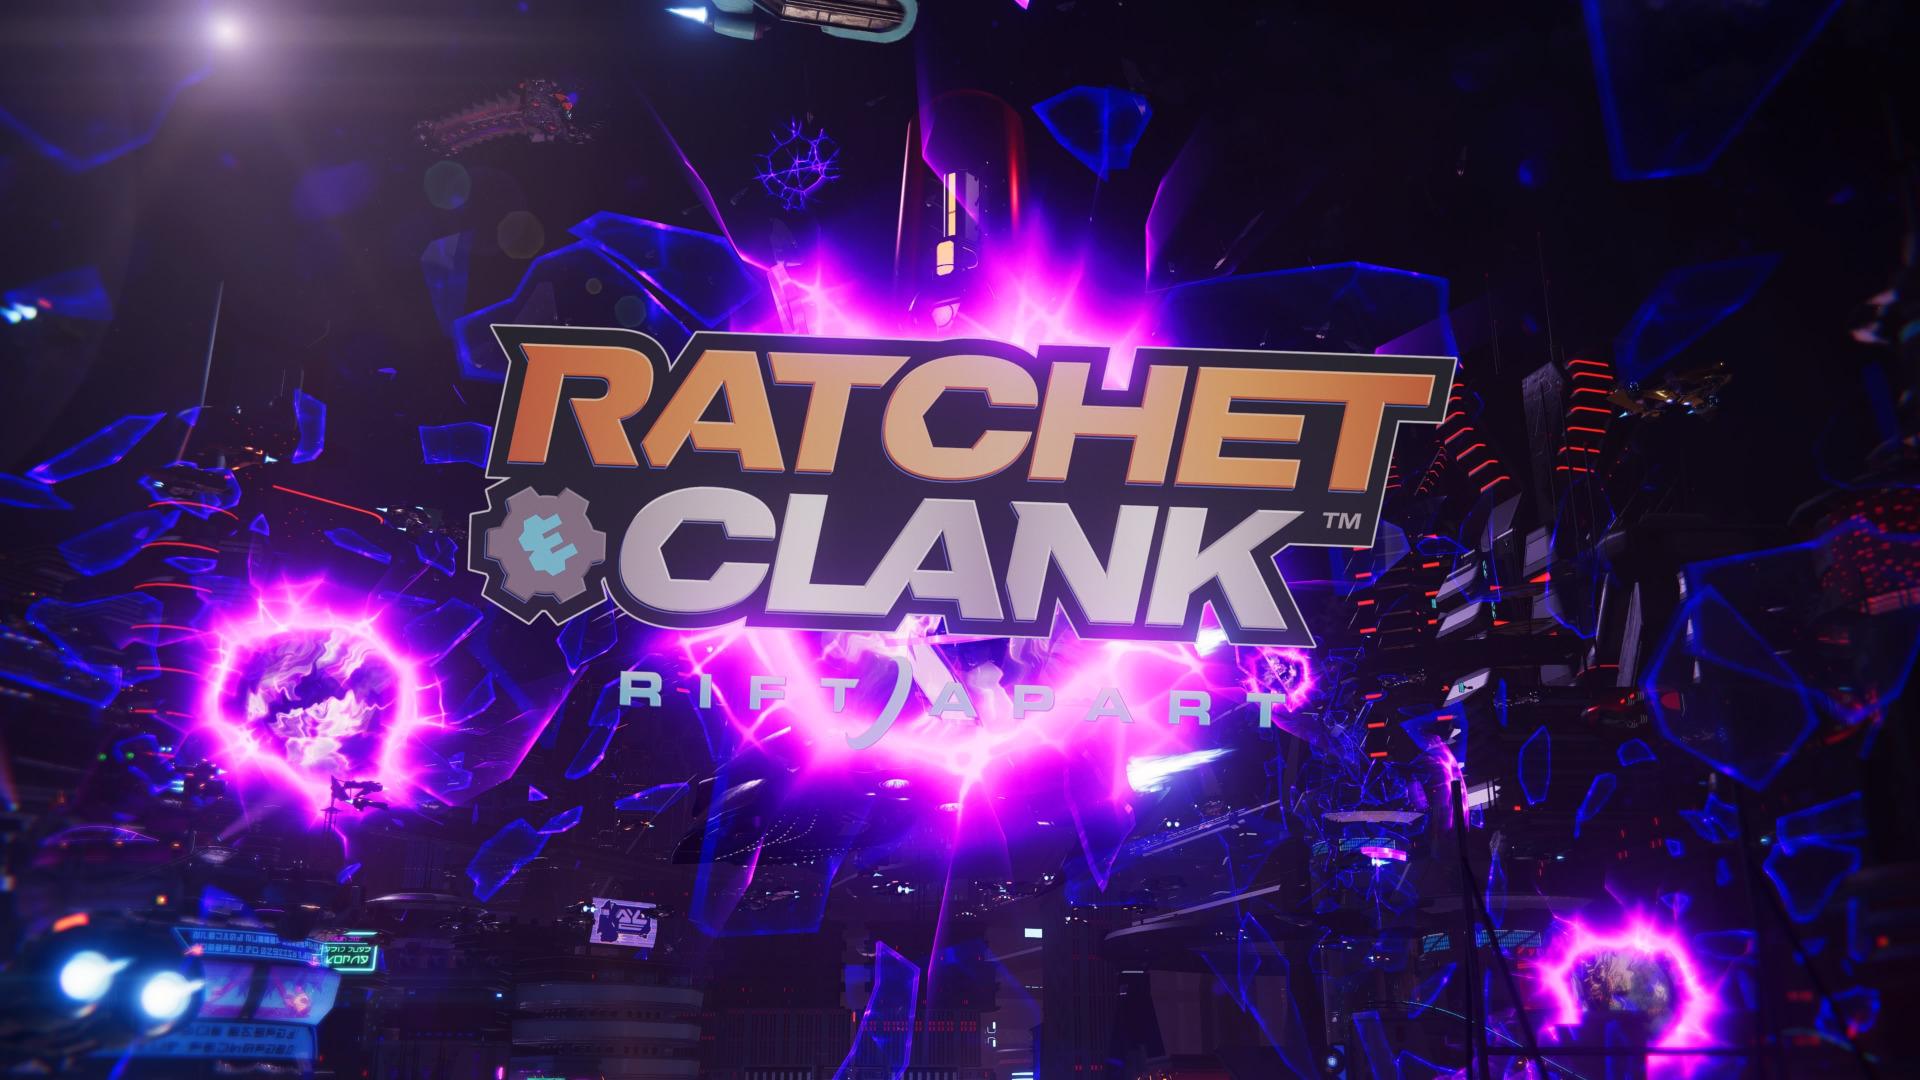 Ratchet & Clank: Rift Apart Titelschirm